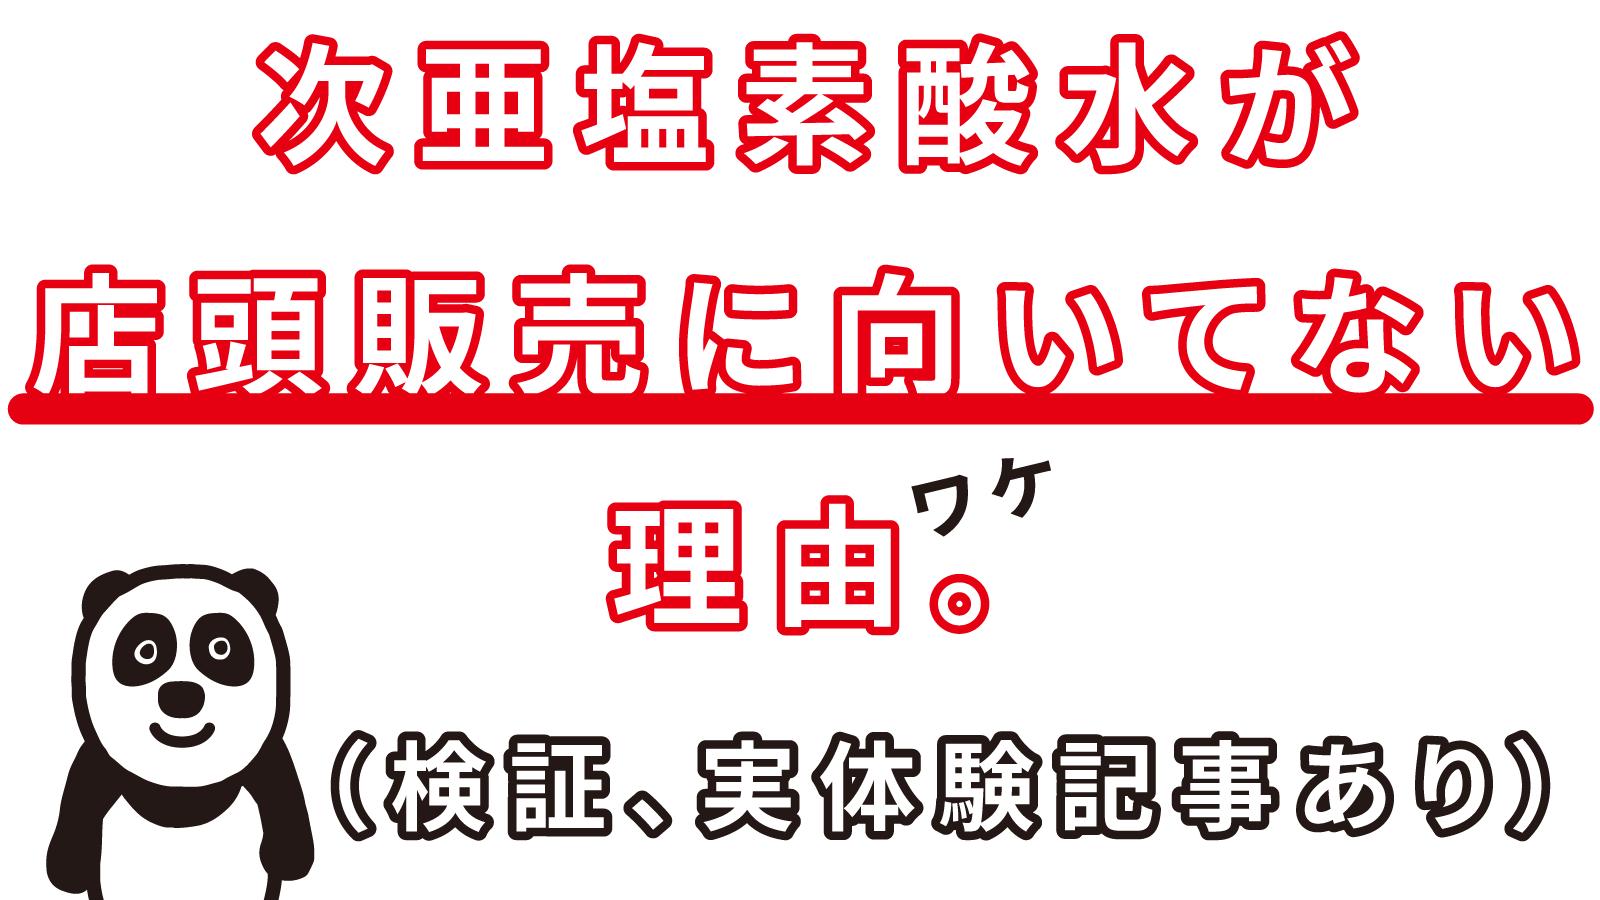 次亜塩素酸水が店頭販売に向いてない理由(ワケ)。